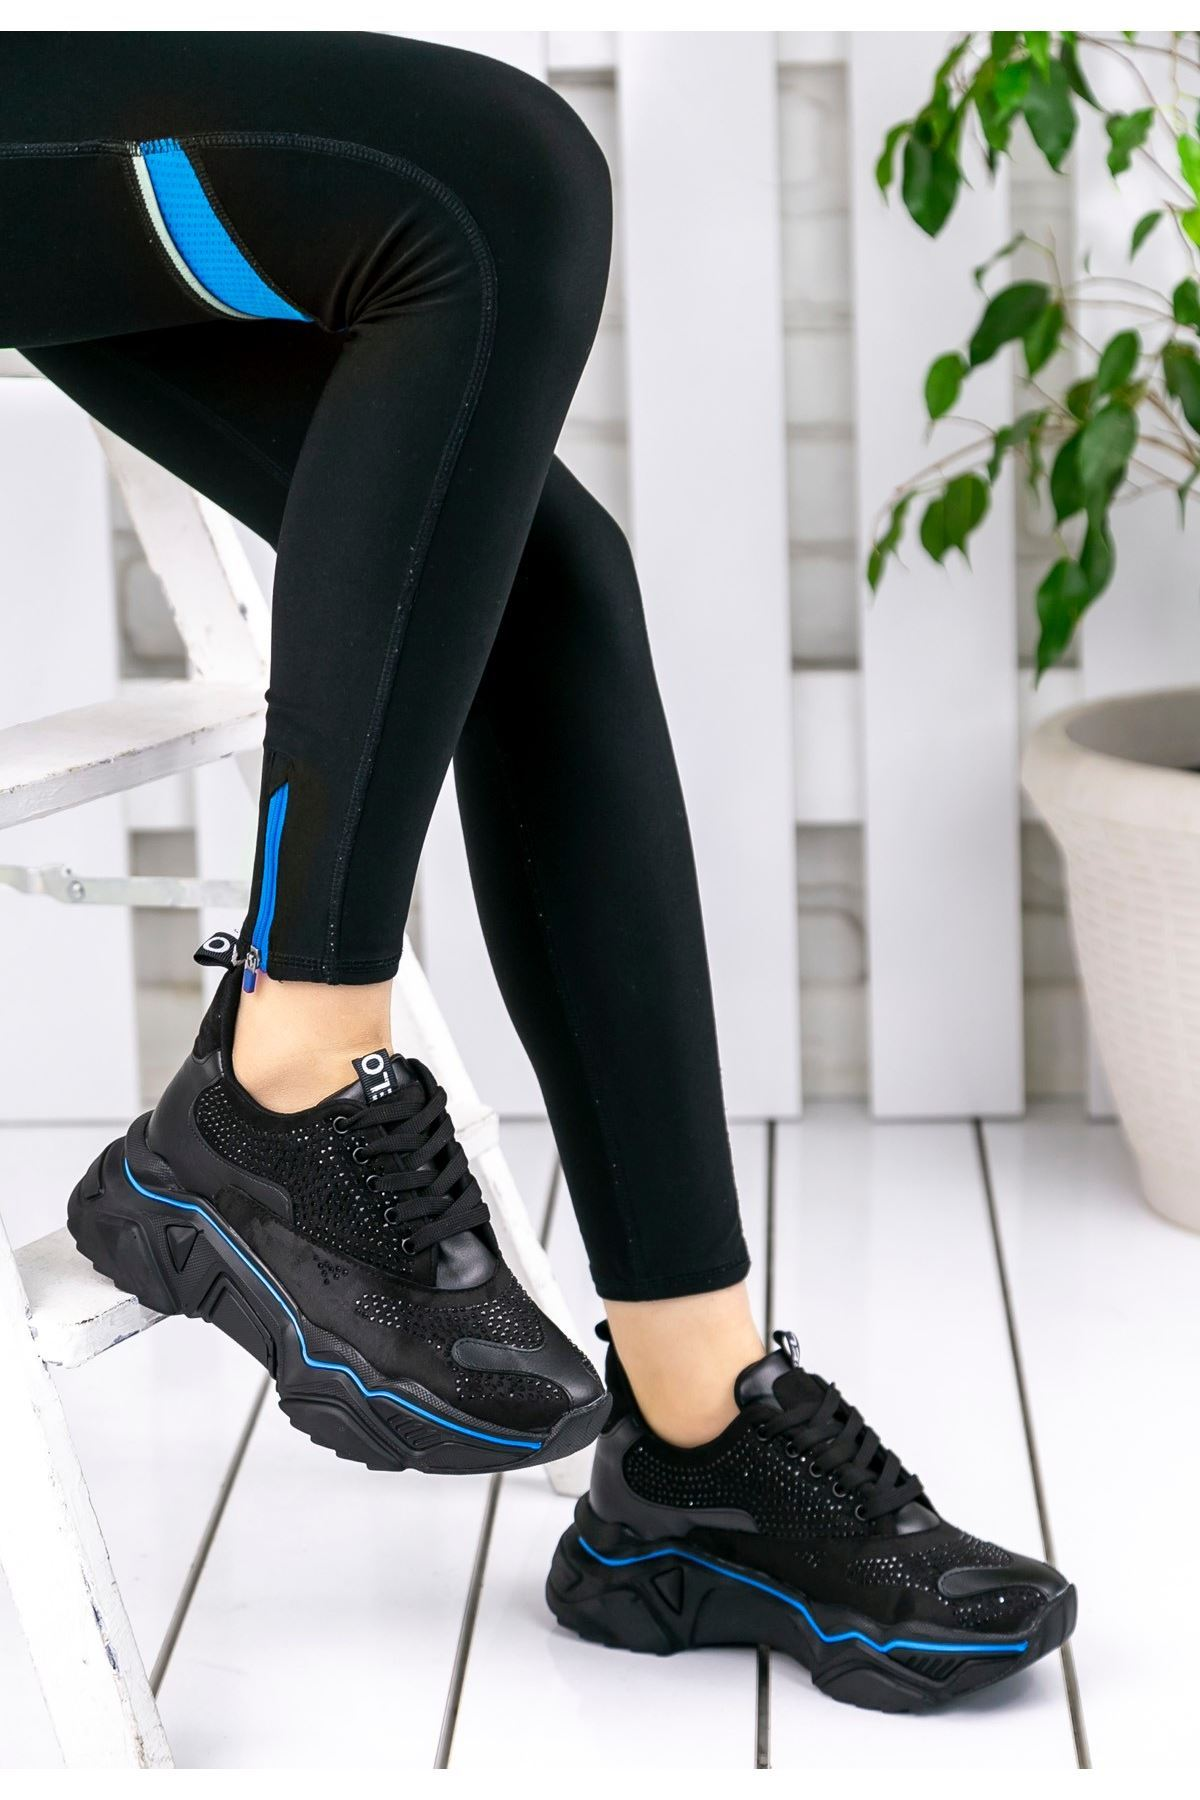 Vira Siyah Süet Mavi Şeritli Spor Ayakkabı